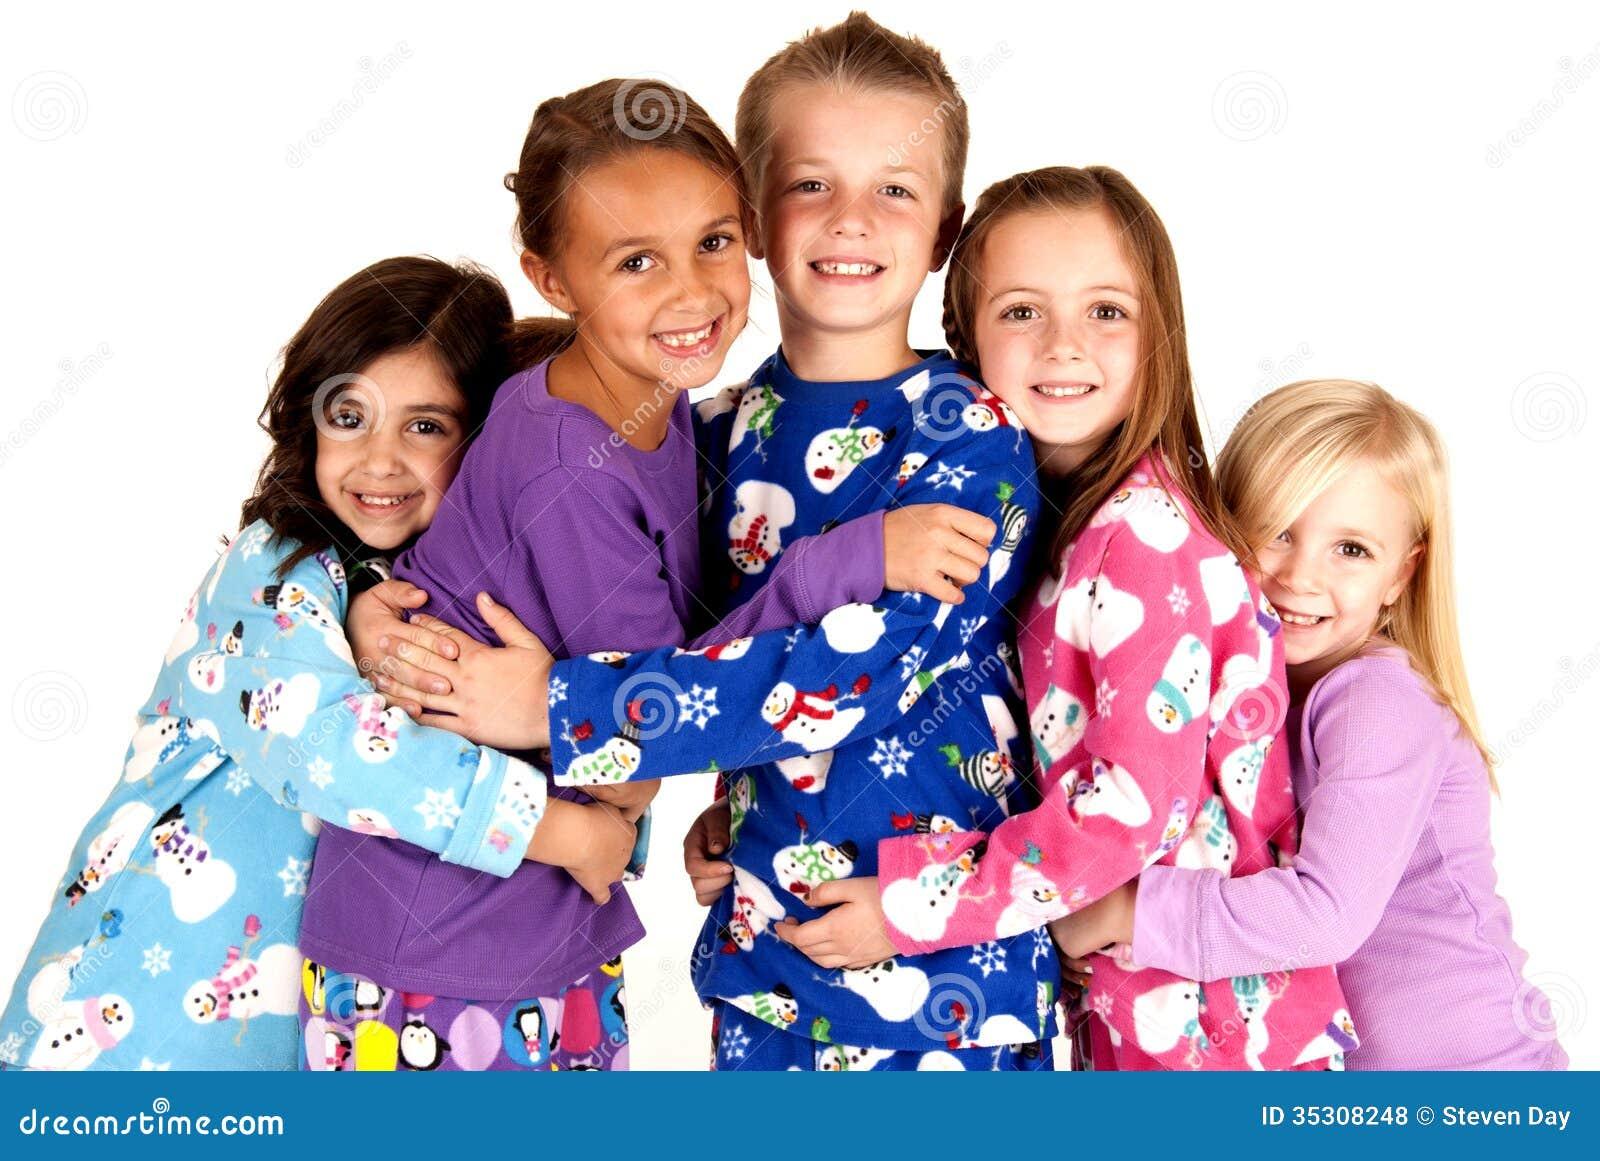 Bambini Felici In Pigiami Di Inverno Che Si Abbracciano